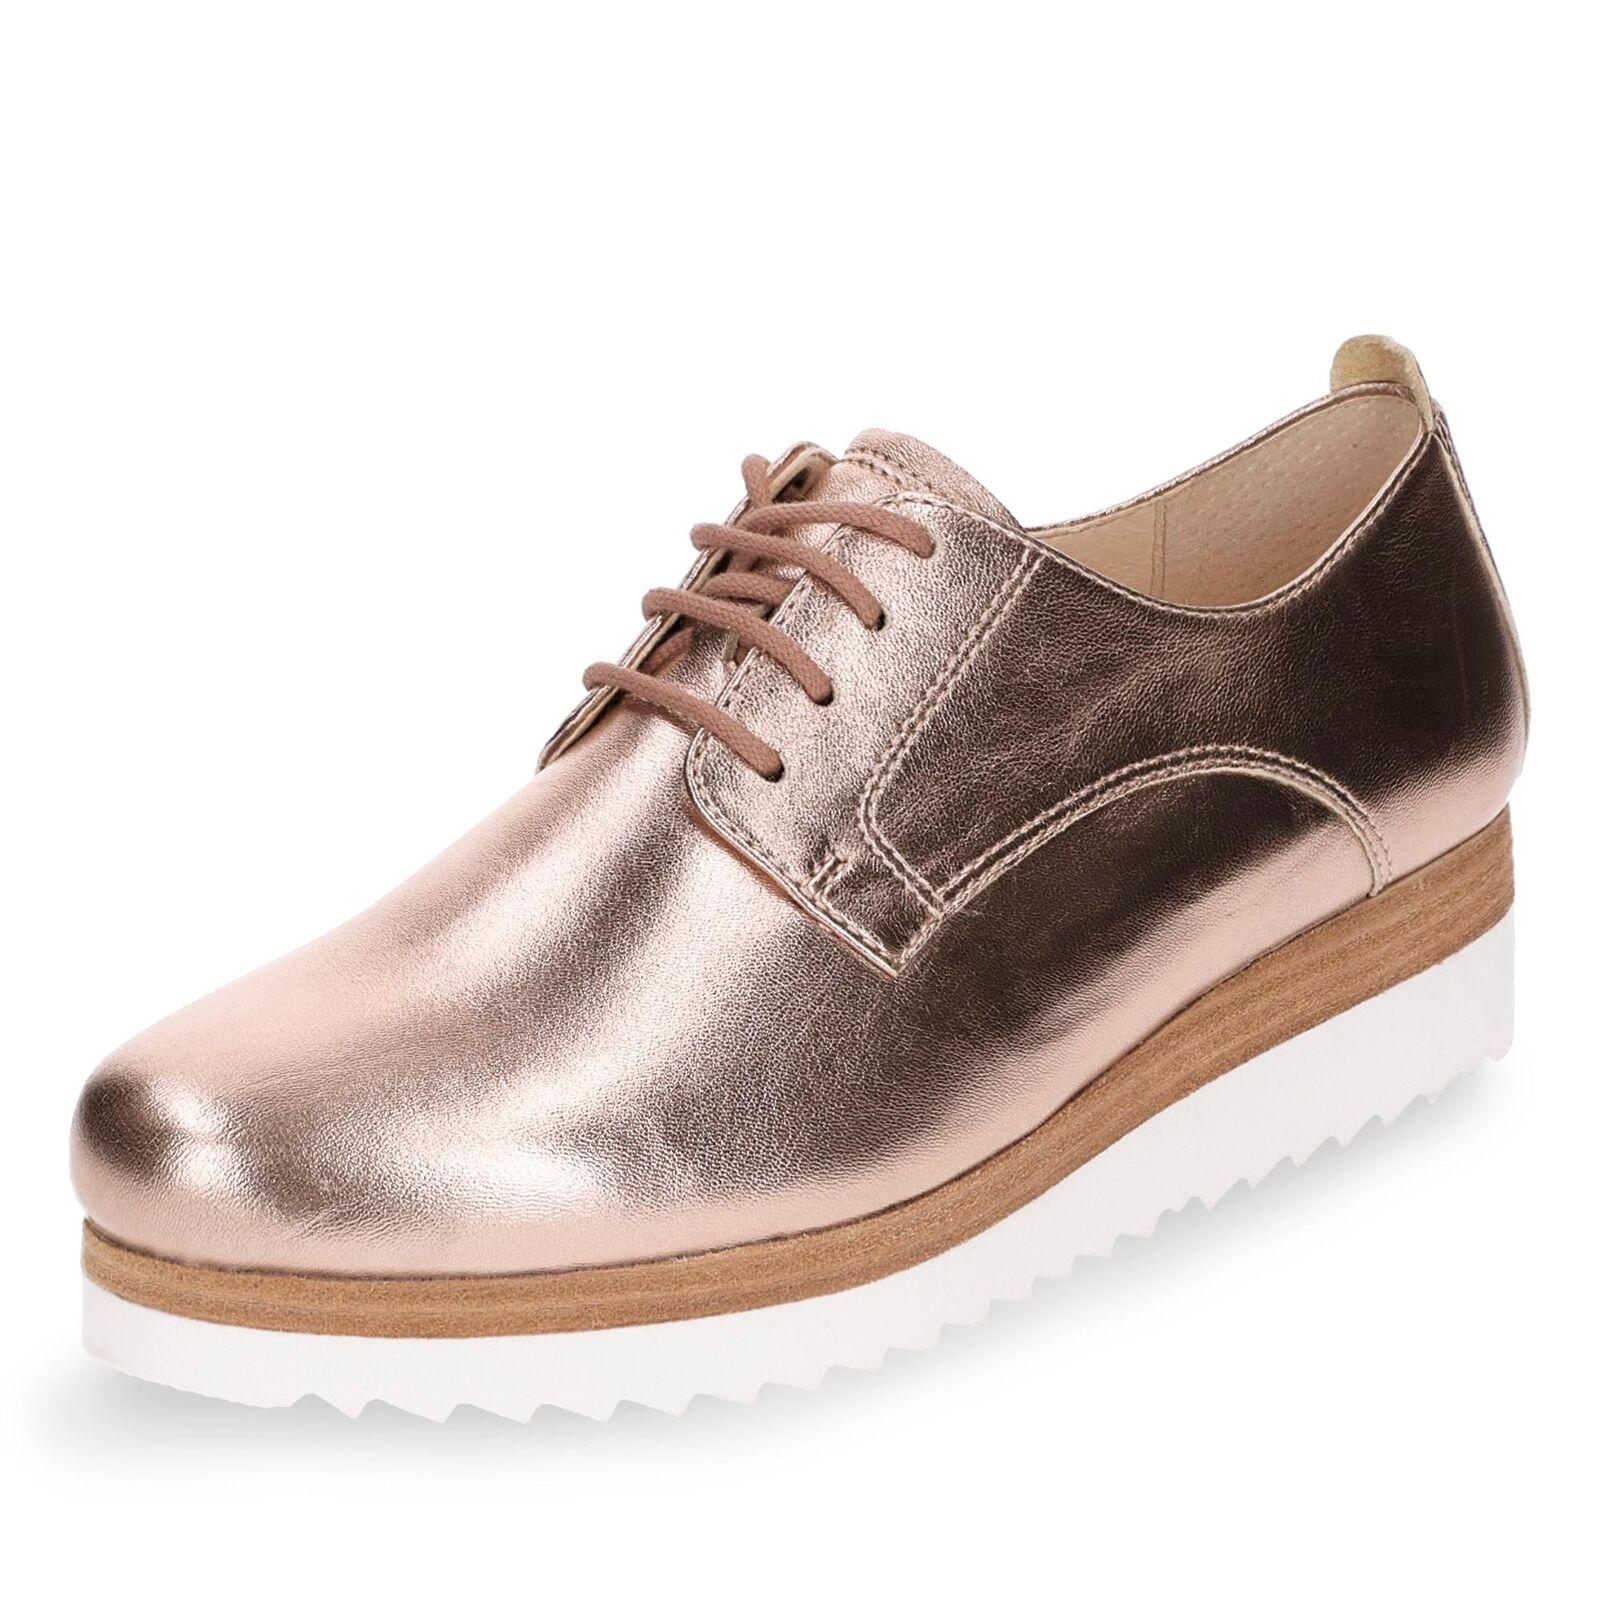 Schnürschuhe Comfort Gabor Halbschuhe Damänner rosé Schuhe